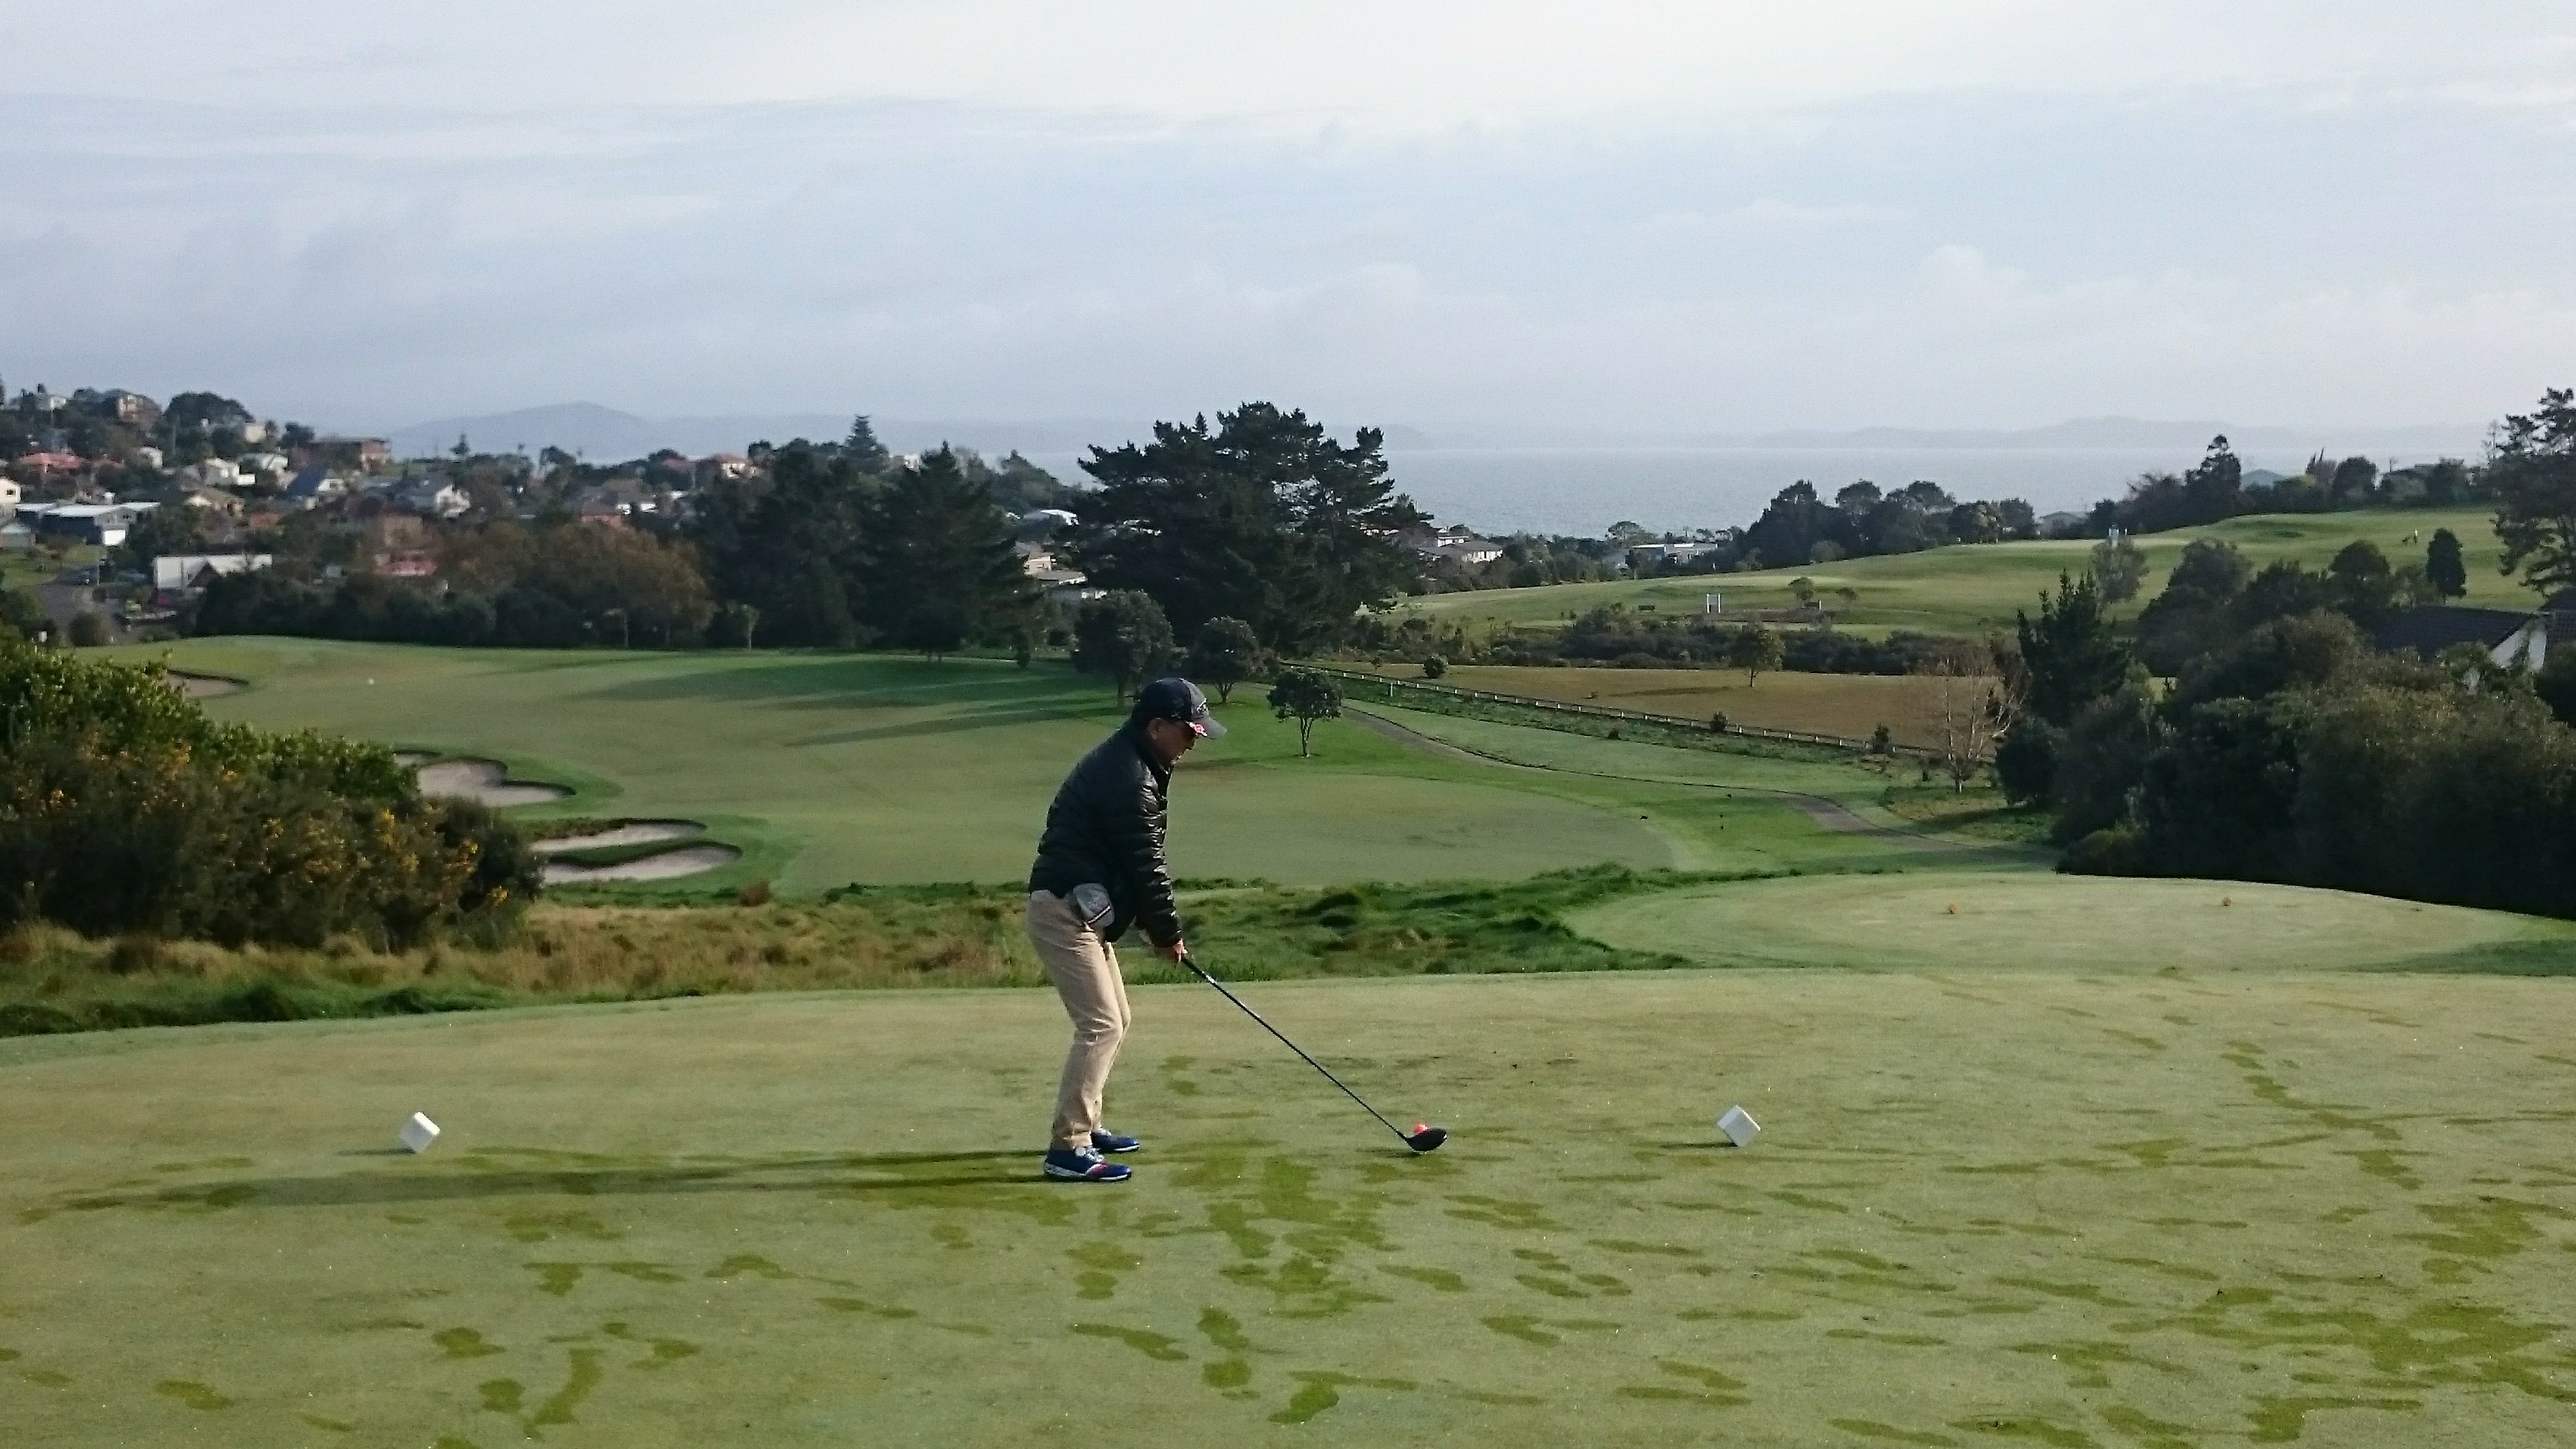 ニュージーランド ゴルフ 旅 感想 コメント 081b